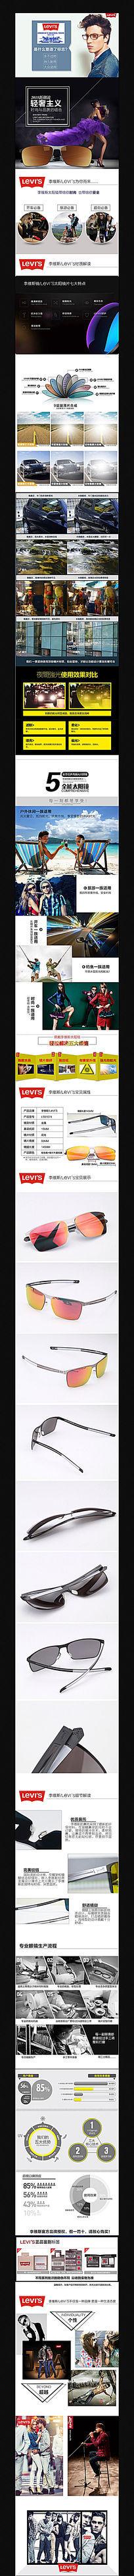 男士太阳镜详情页眼镜描述模板